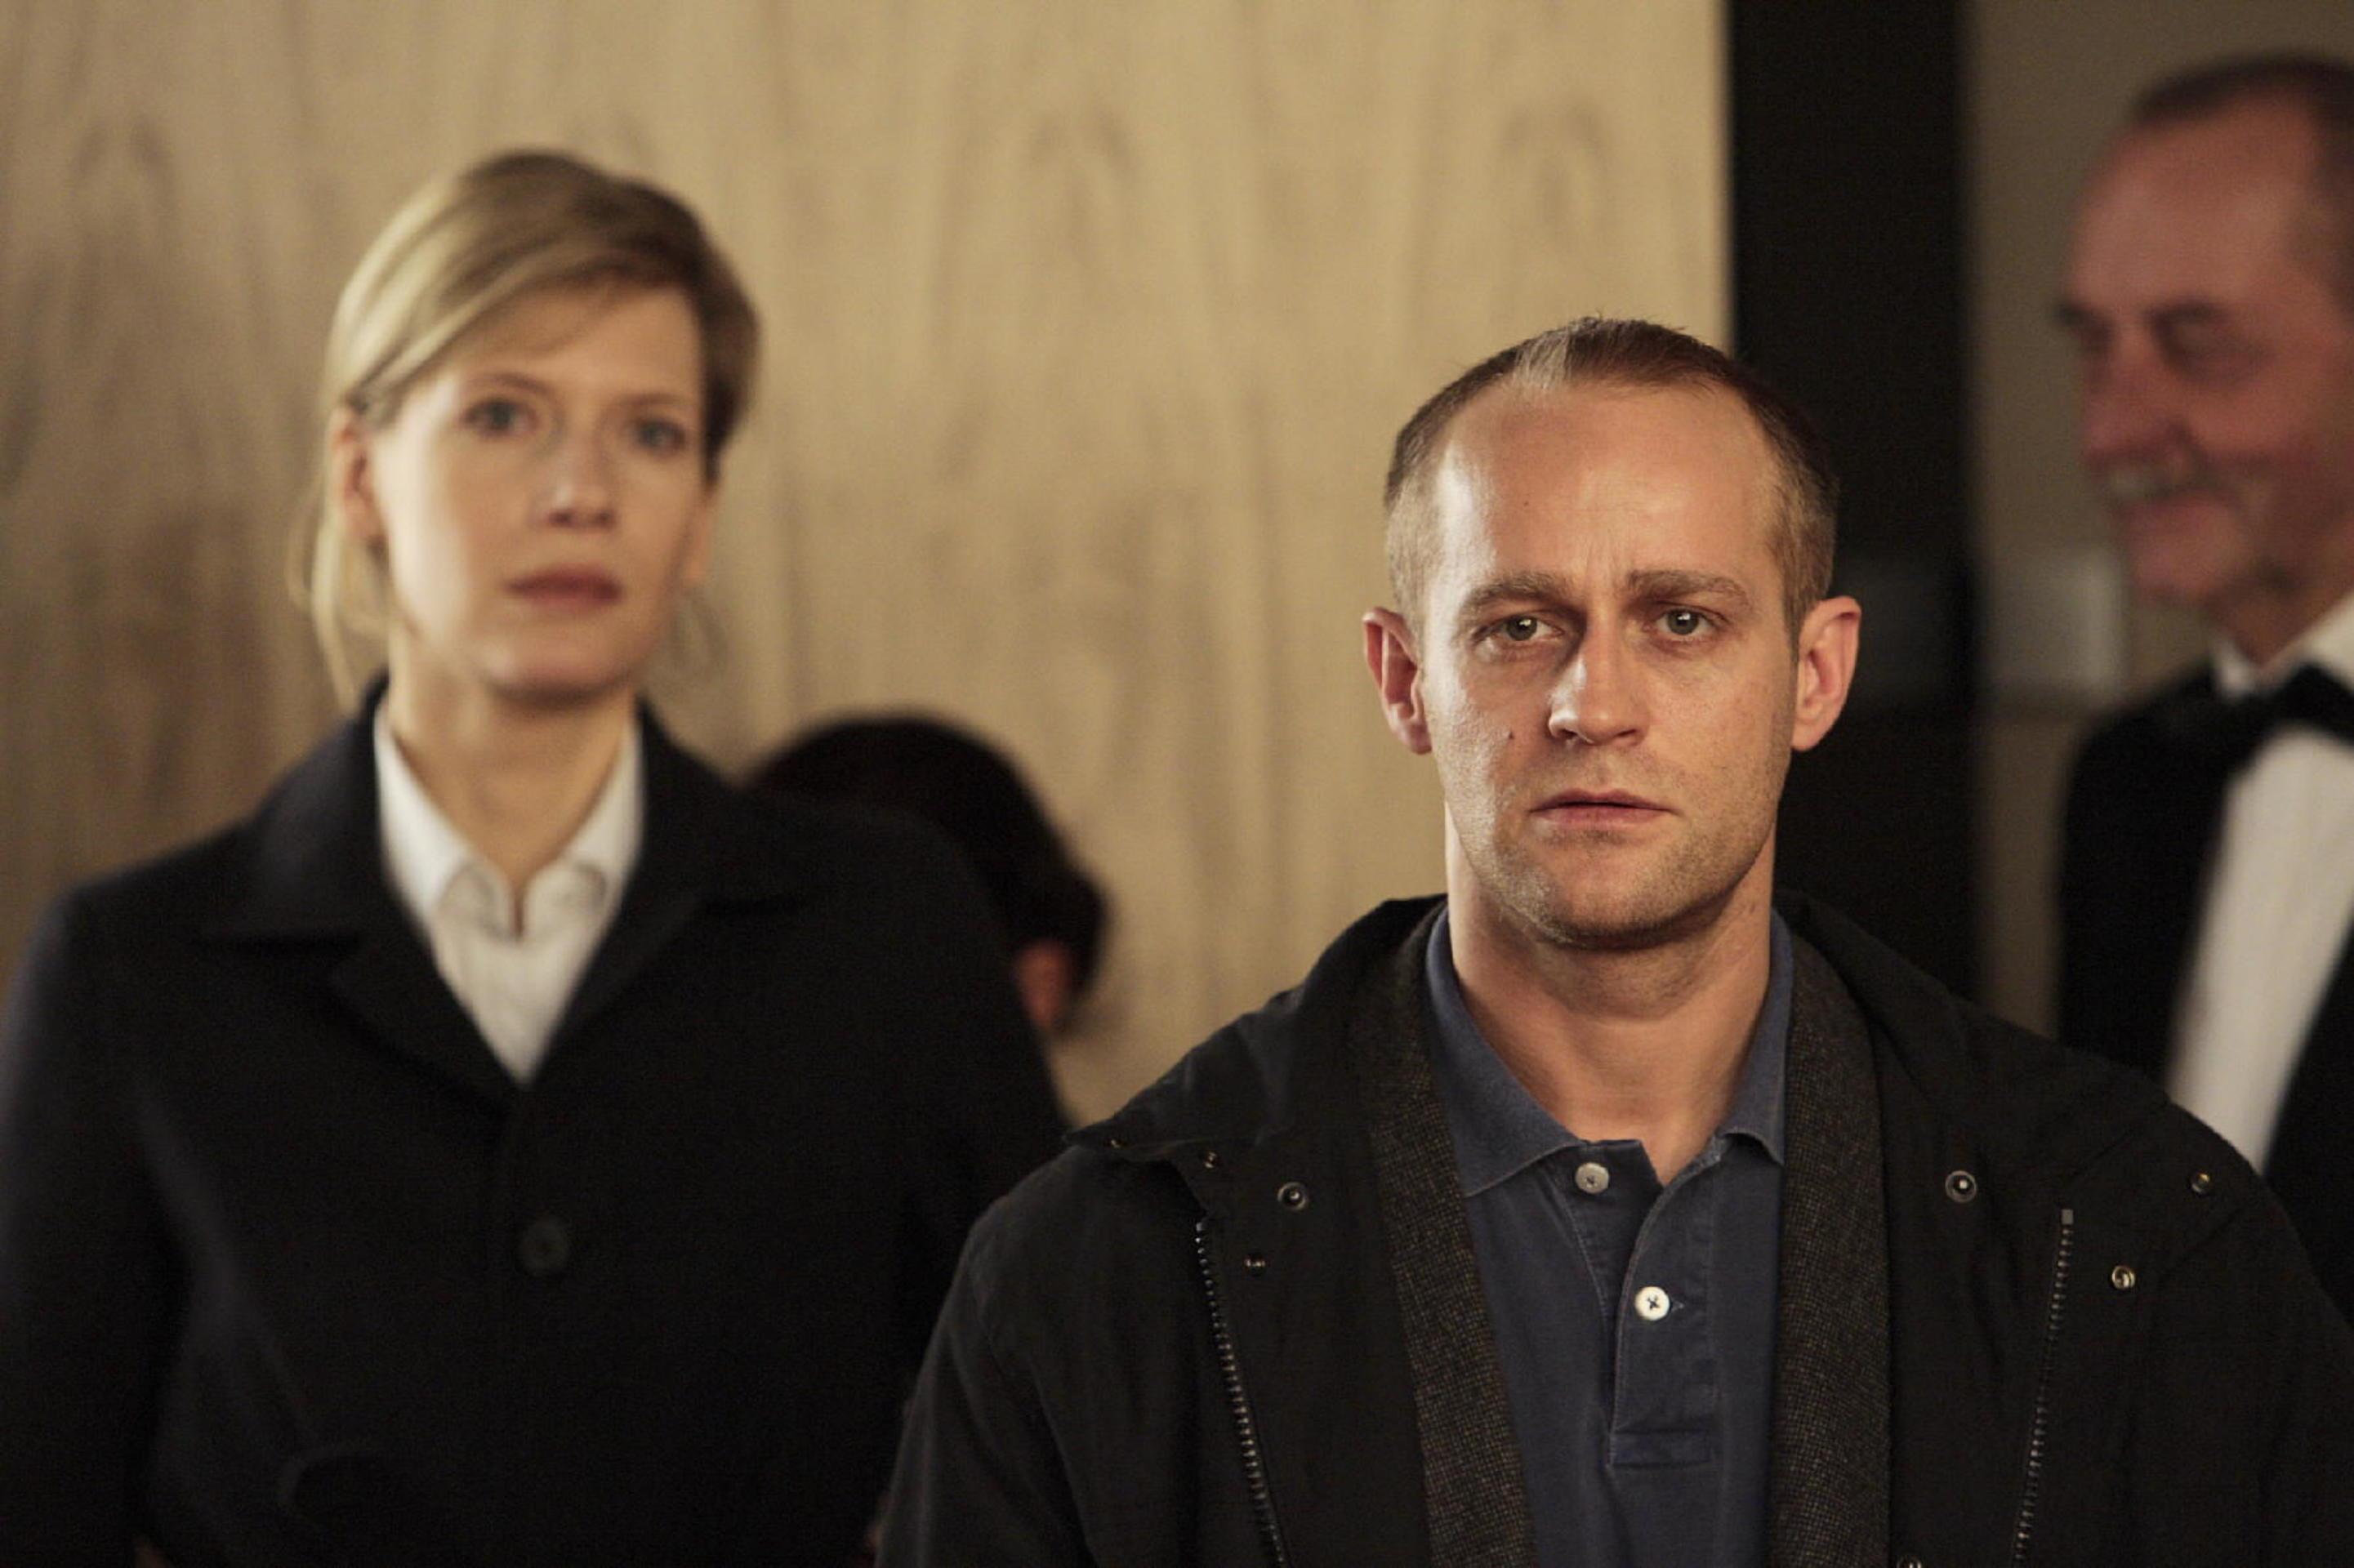 Jürgen Vogel and Ina Weisse in Duell in der Nacht (2007)